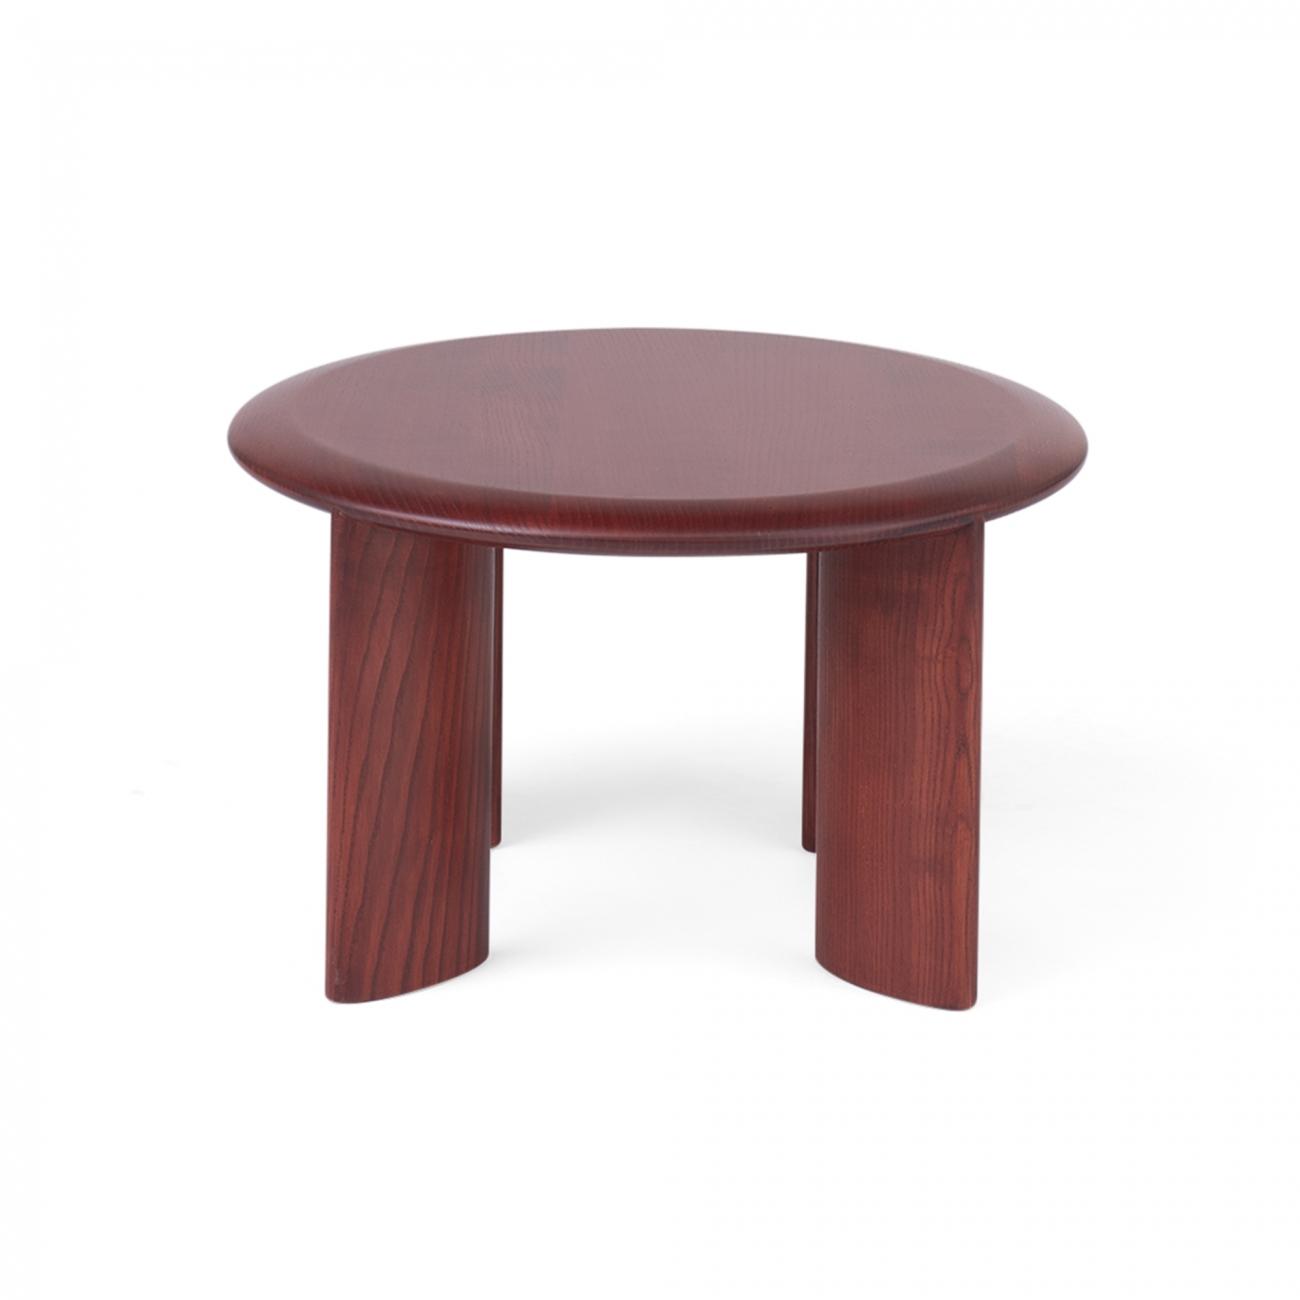 Ercol IO side table